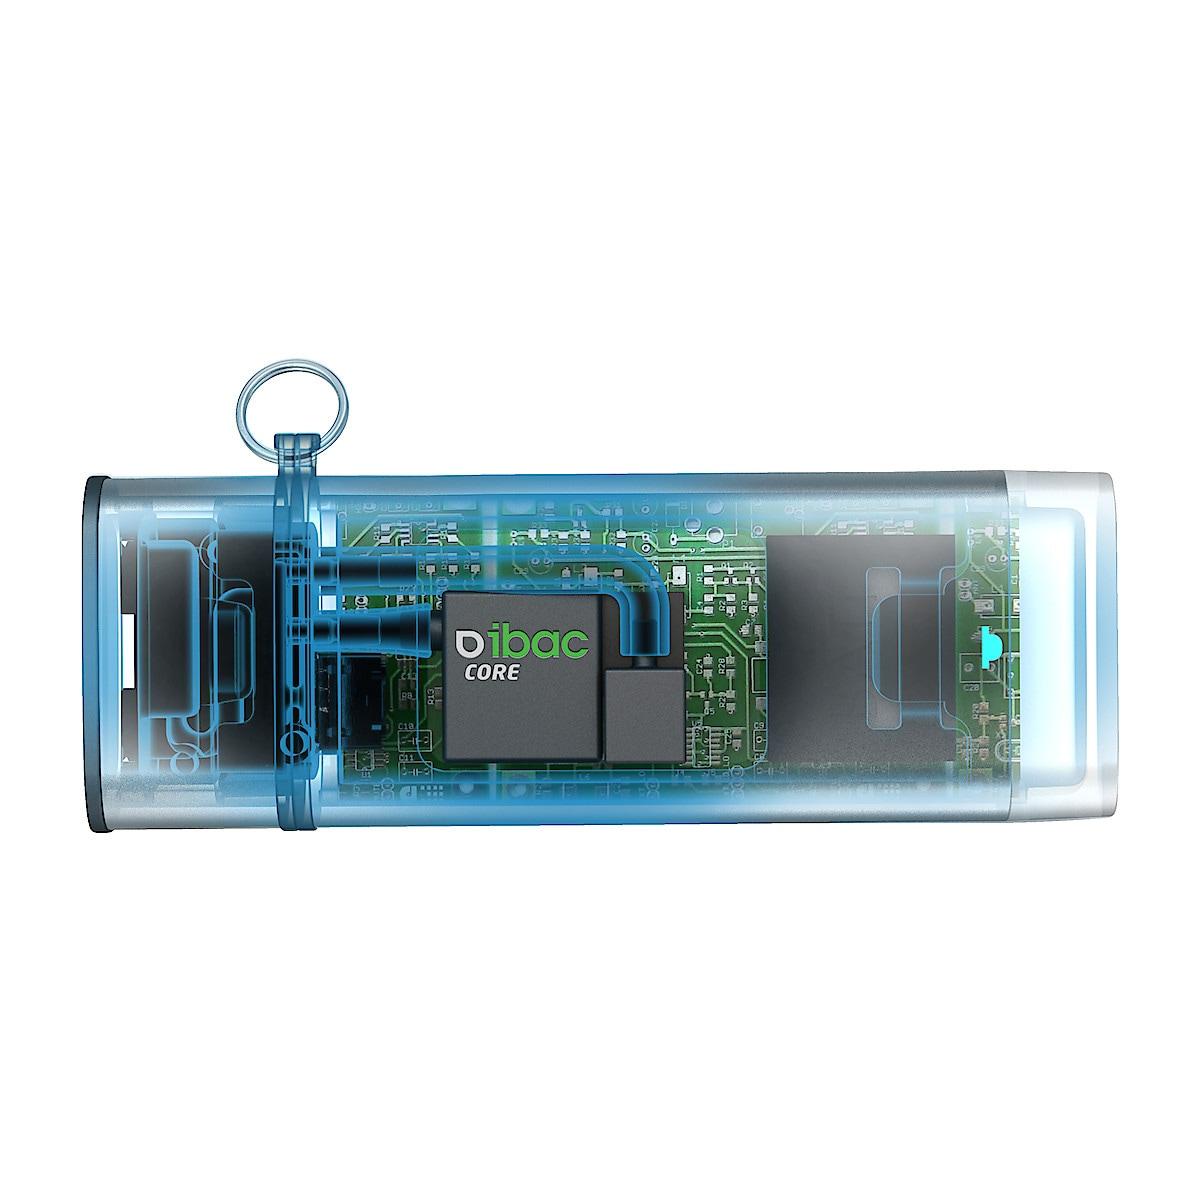 iBAC promillemåler for smarttelefoner